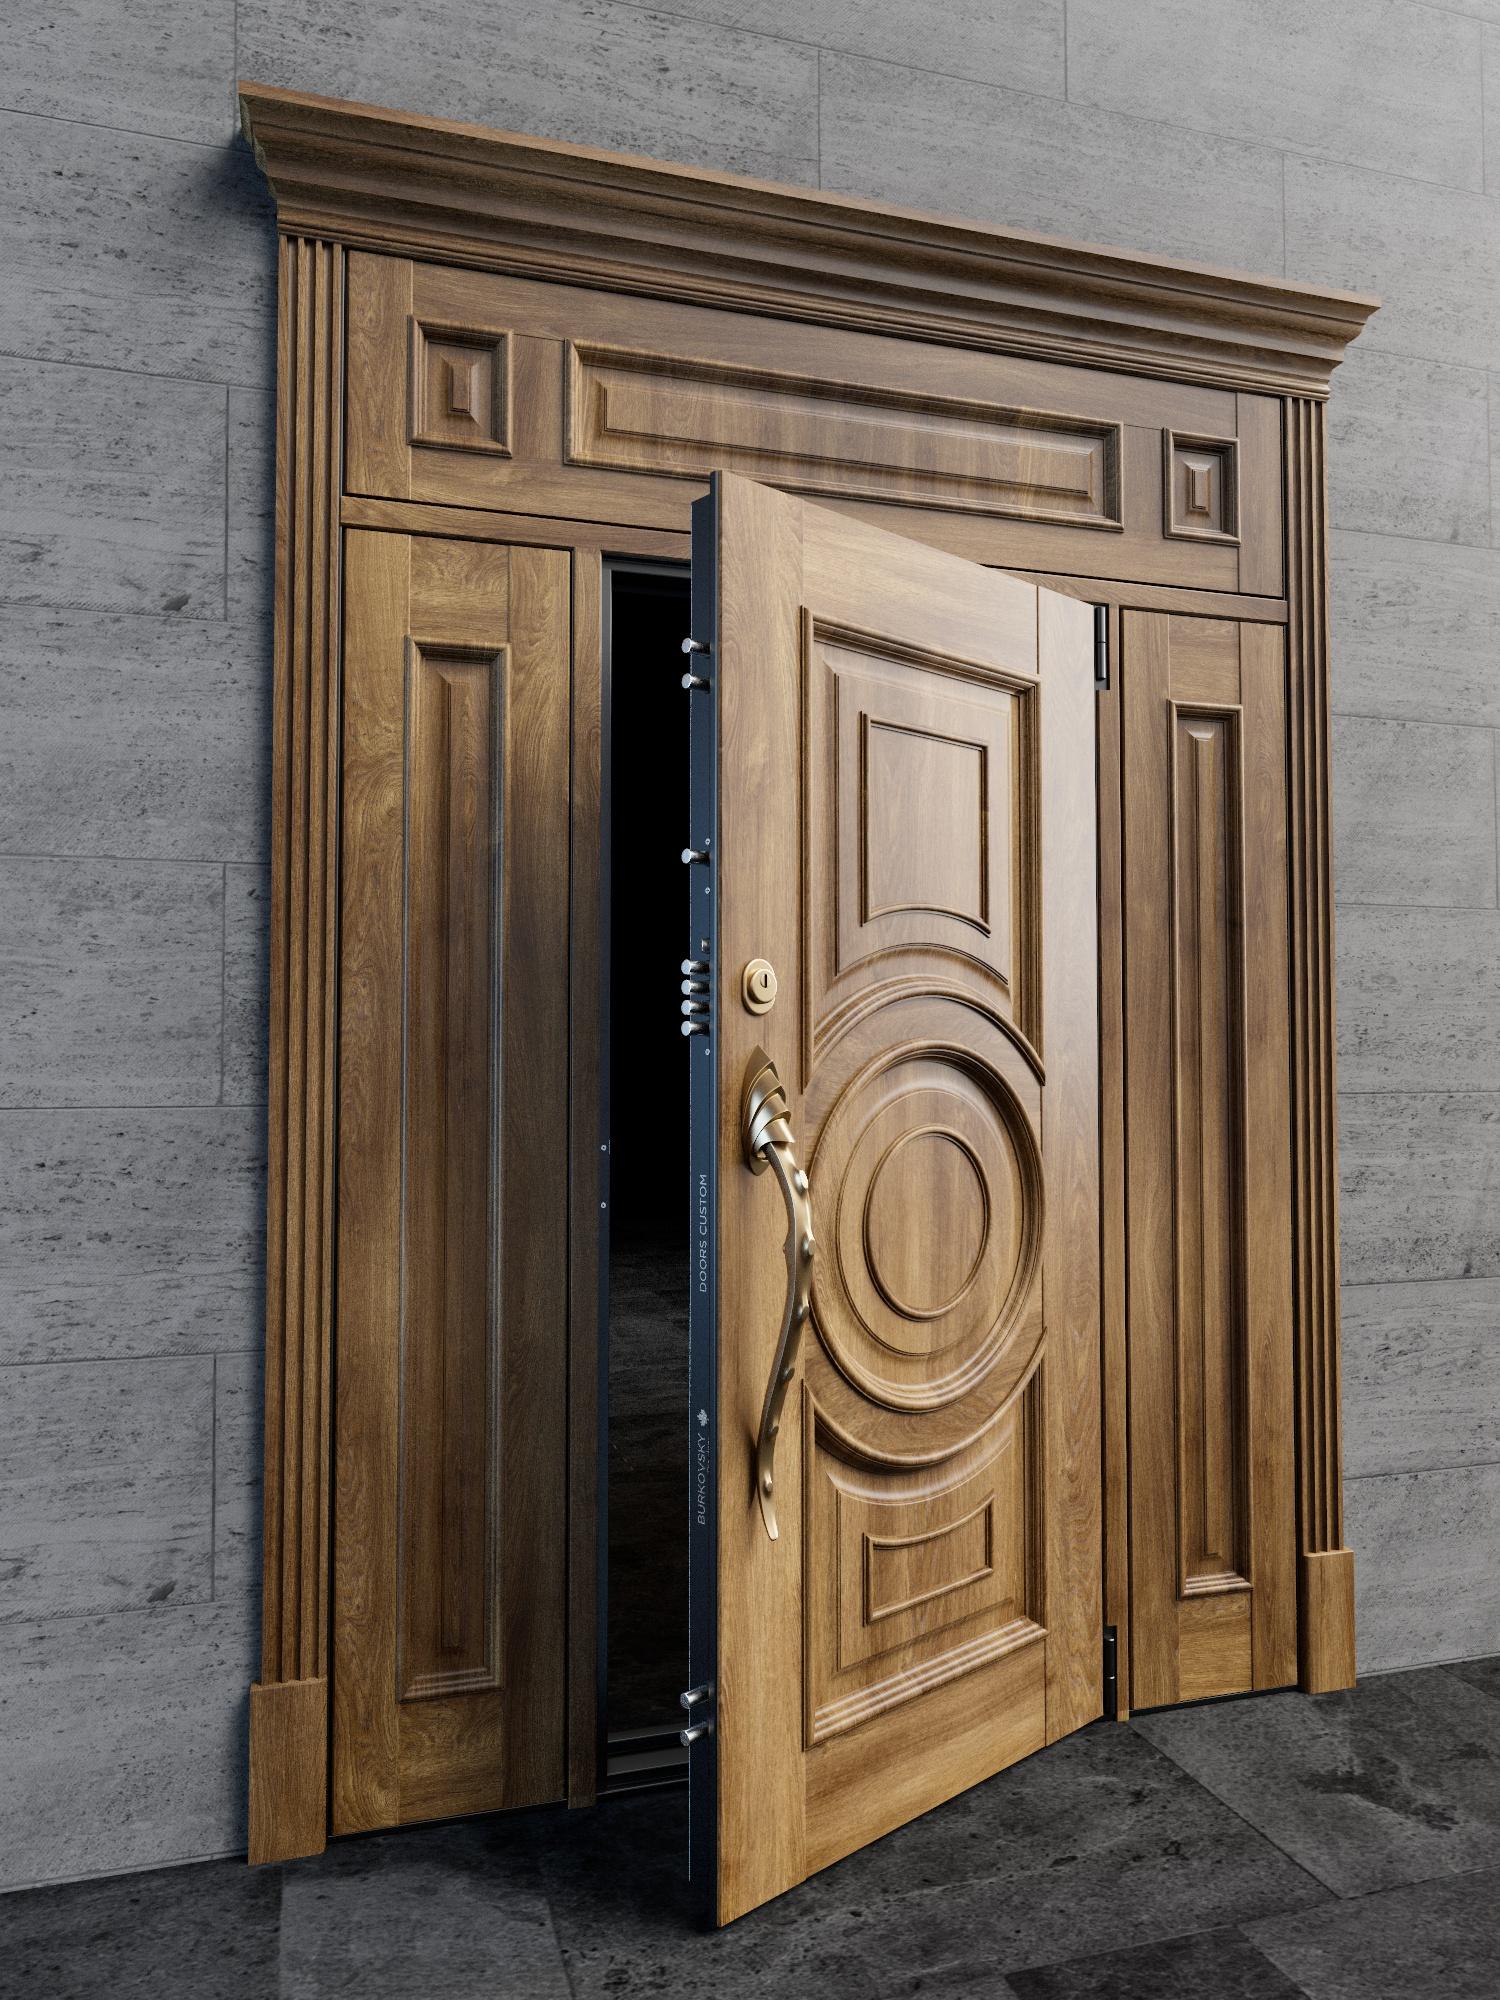 Входная дверь с фрамугами в классическом стиле. Модель - Argo diablo.